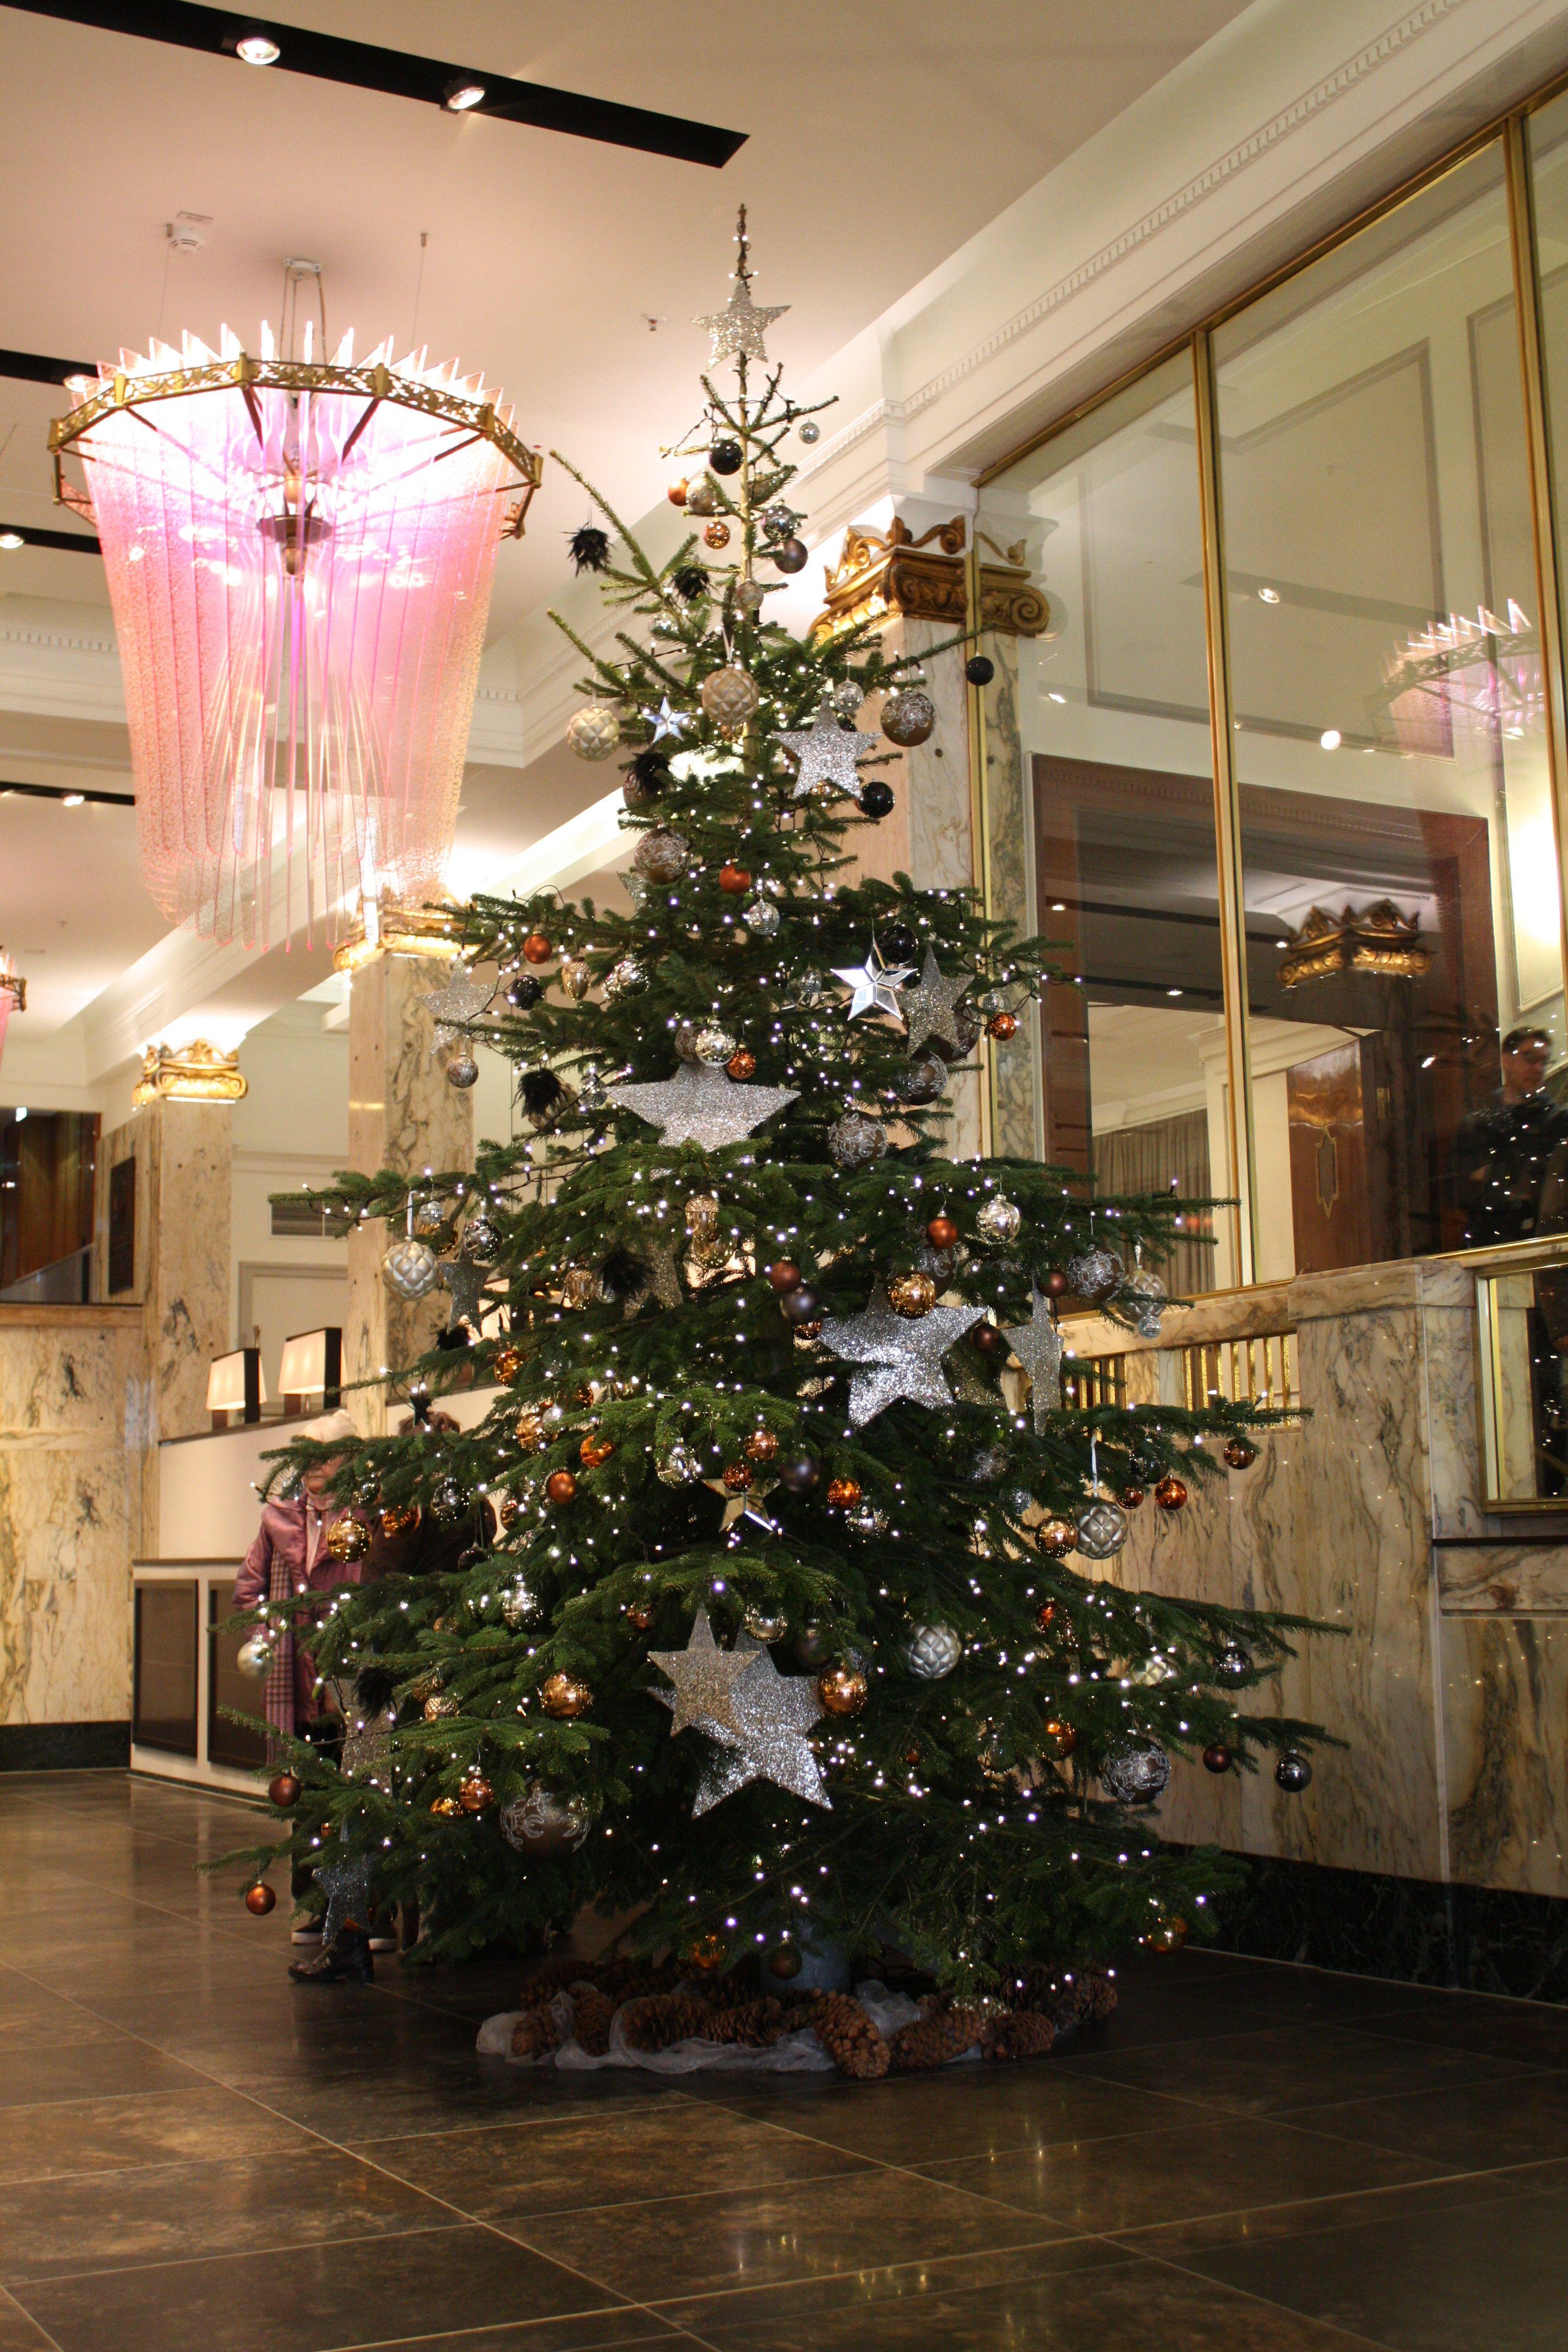 Wann Wurde Der Geschmückte Weihnachtsbaum Populär.Weihnachtsbaum Mit Großen Silbersternen Und Weihnachtskugeln